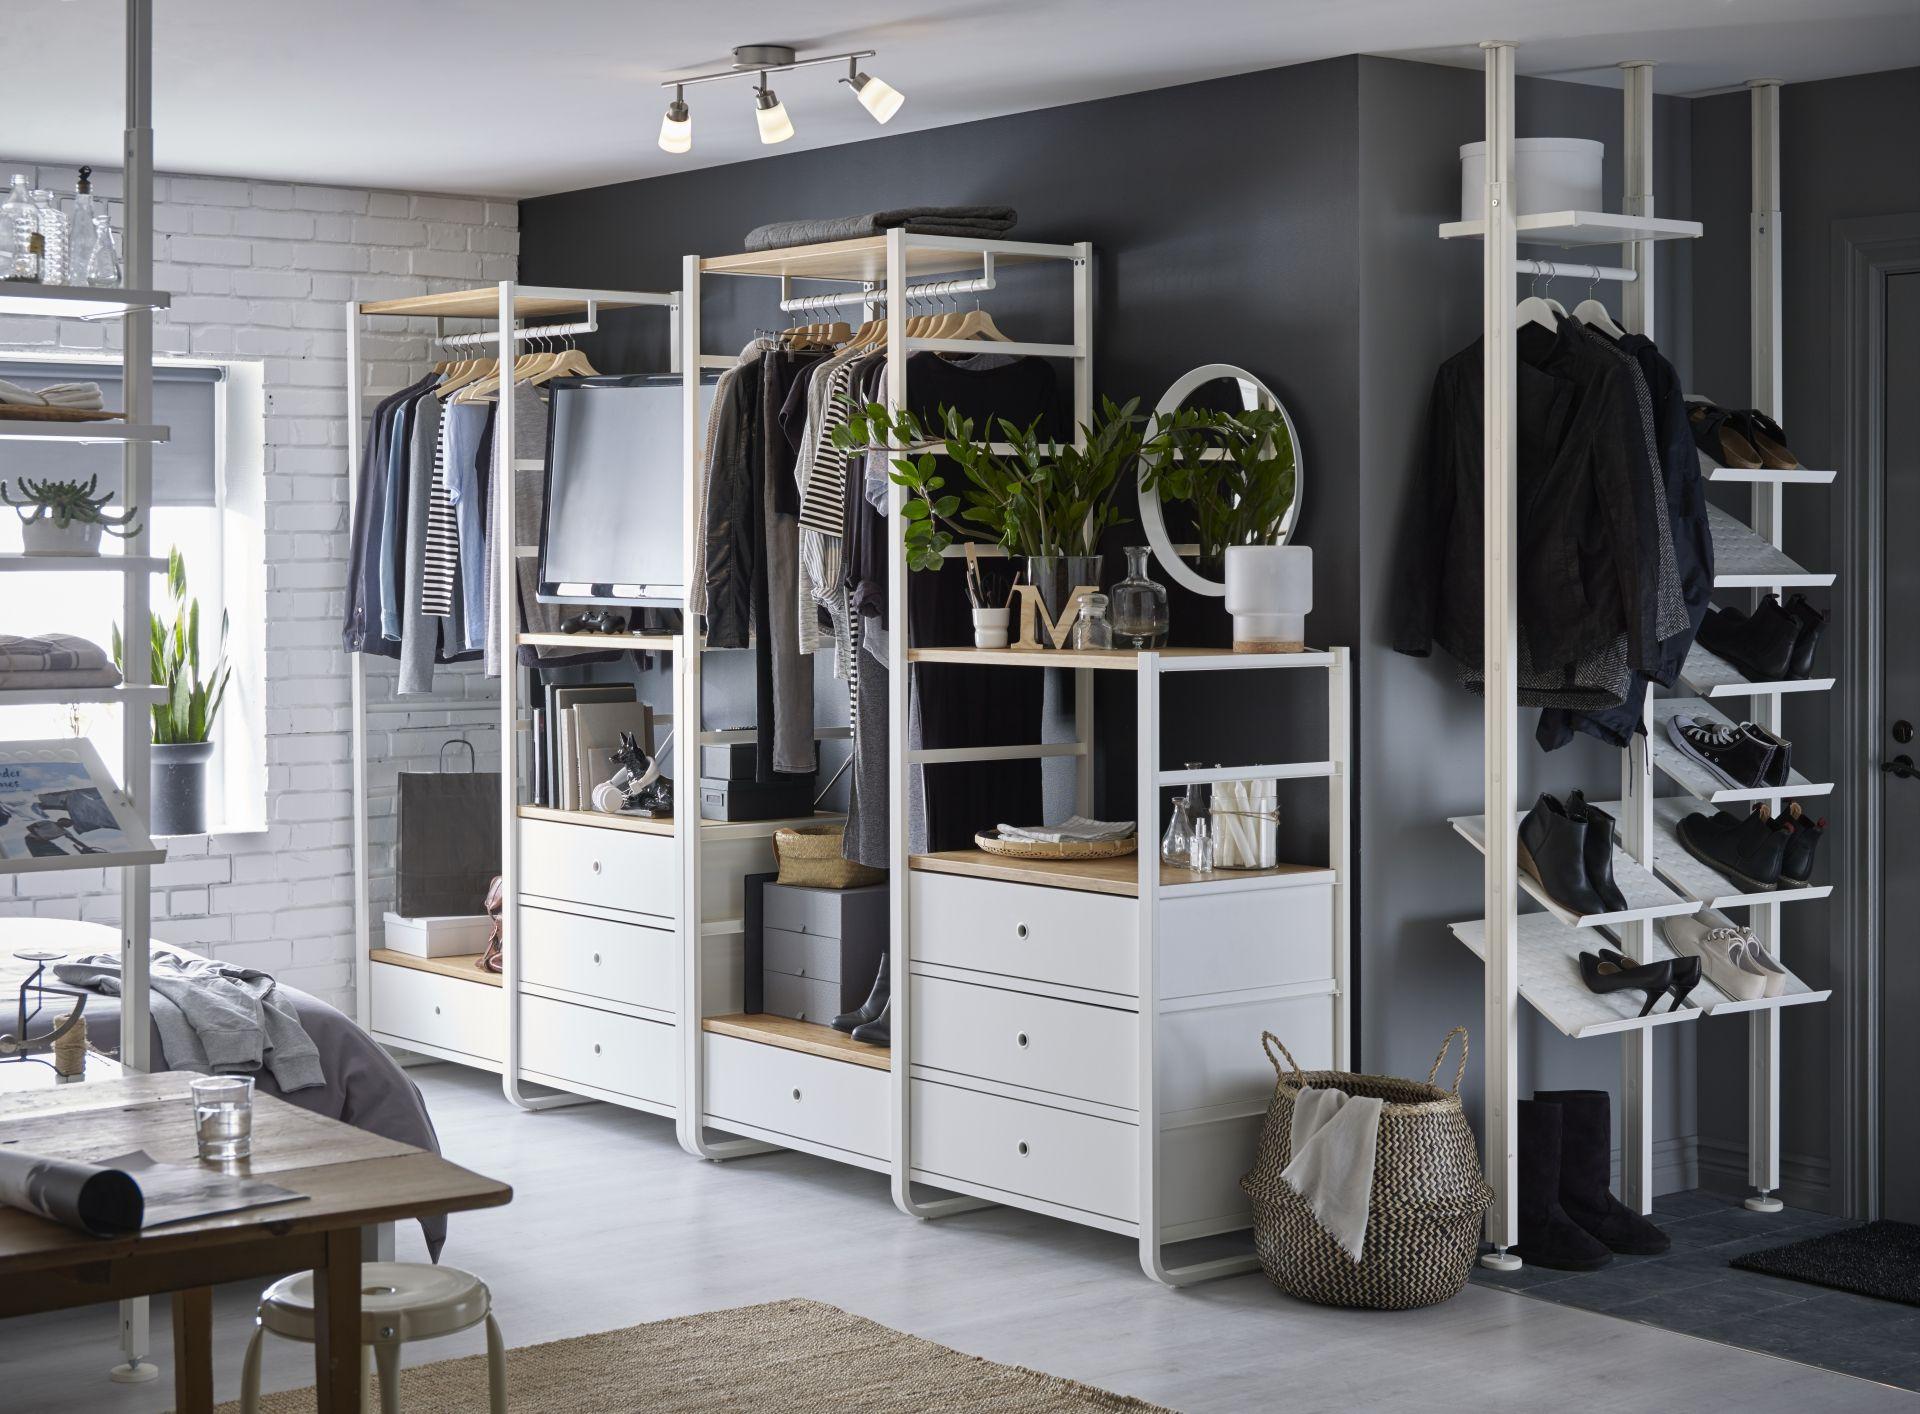 Ikea Kasten Slaapkamer : Elvarli combinatie ikea ikeanederland wooninspiratie inspiratie